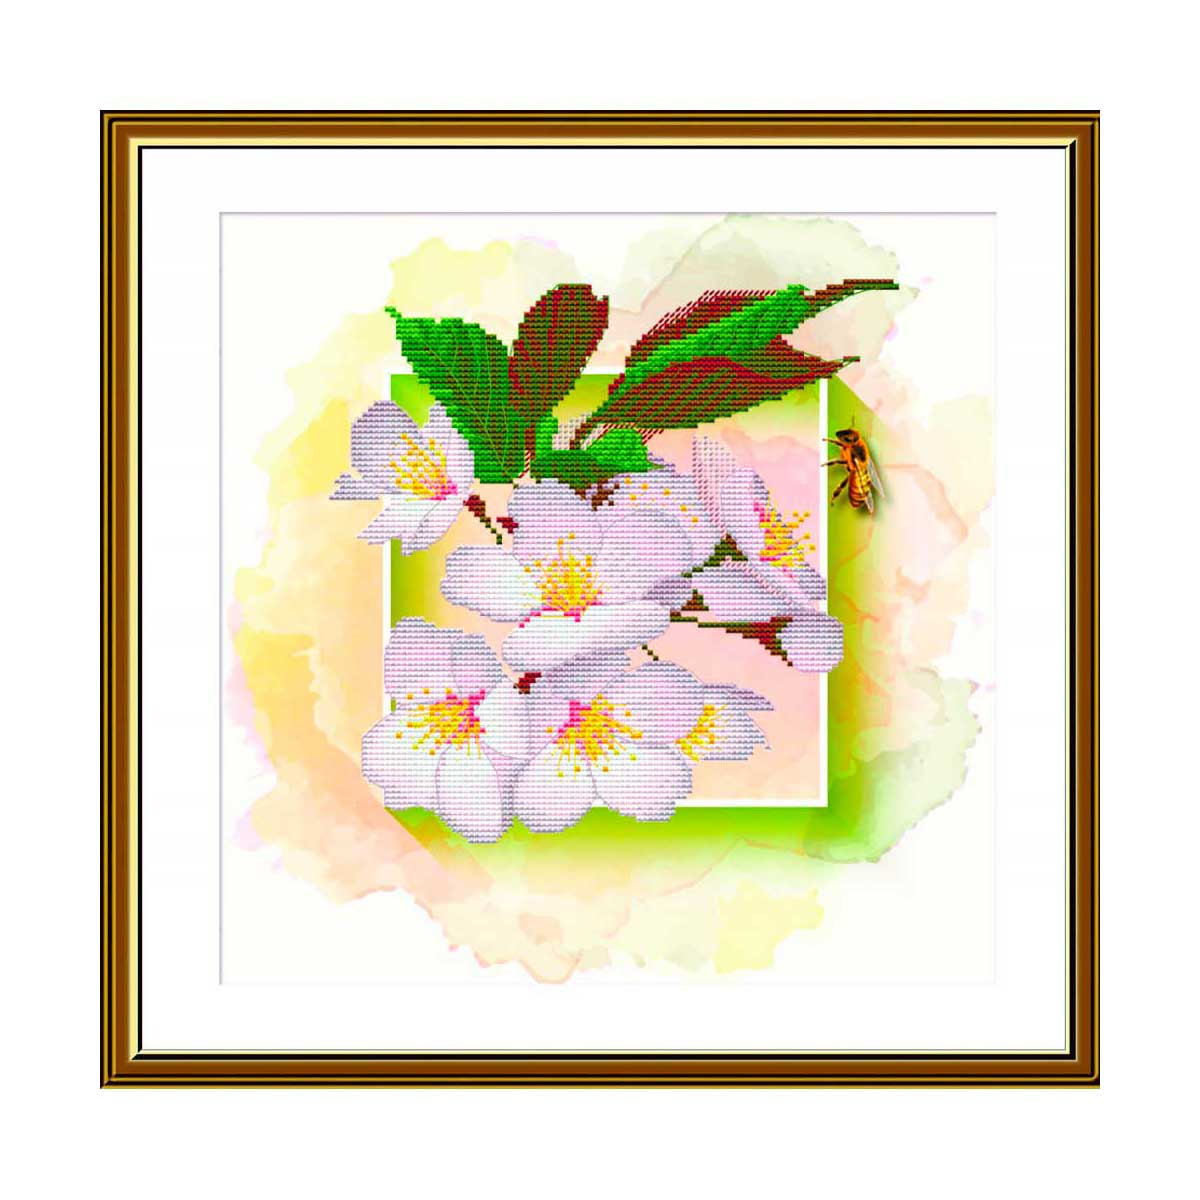 СВ4501 Набор для вышивания 'Фруктовый сад. Слива'25 x 25 см